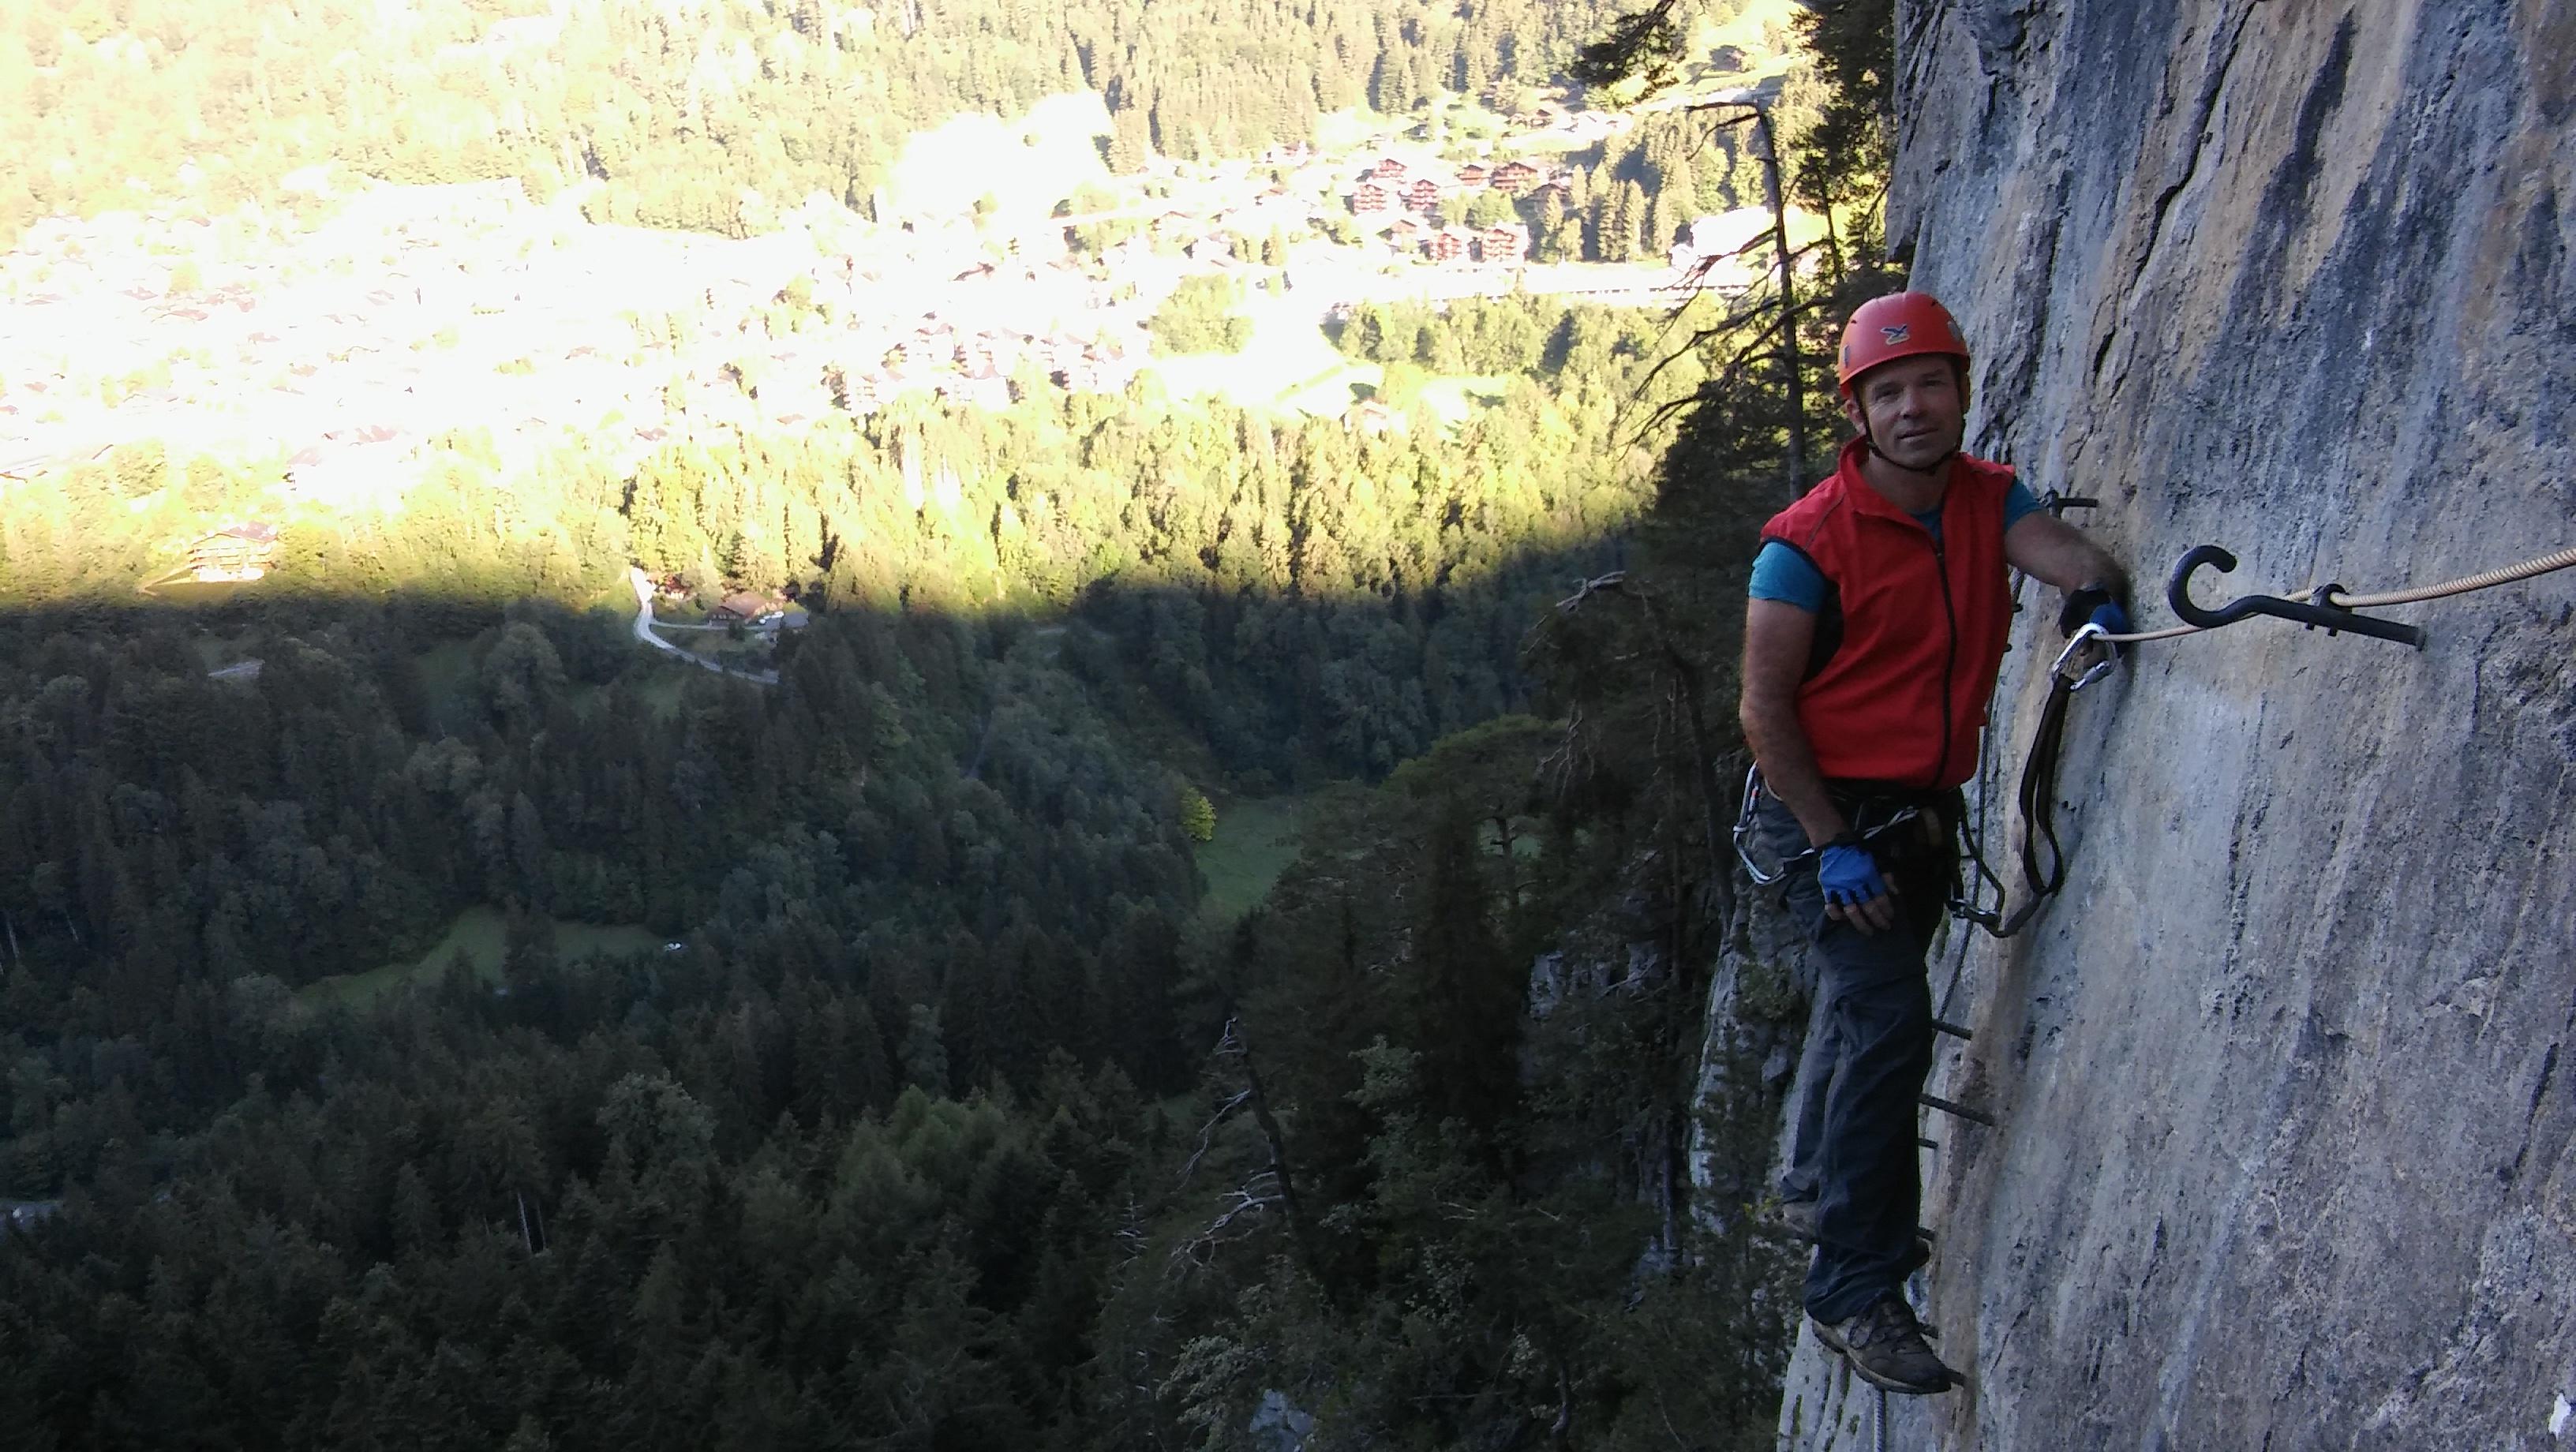 Klettersteig Bregenzer Wald - Markus Frommlet